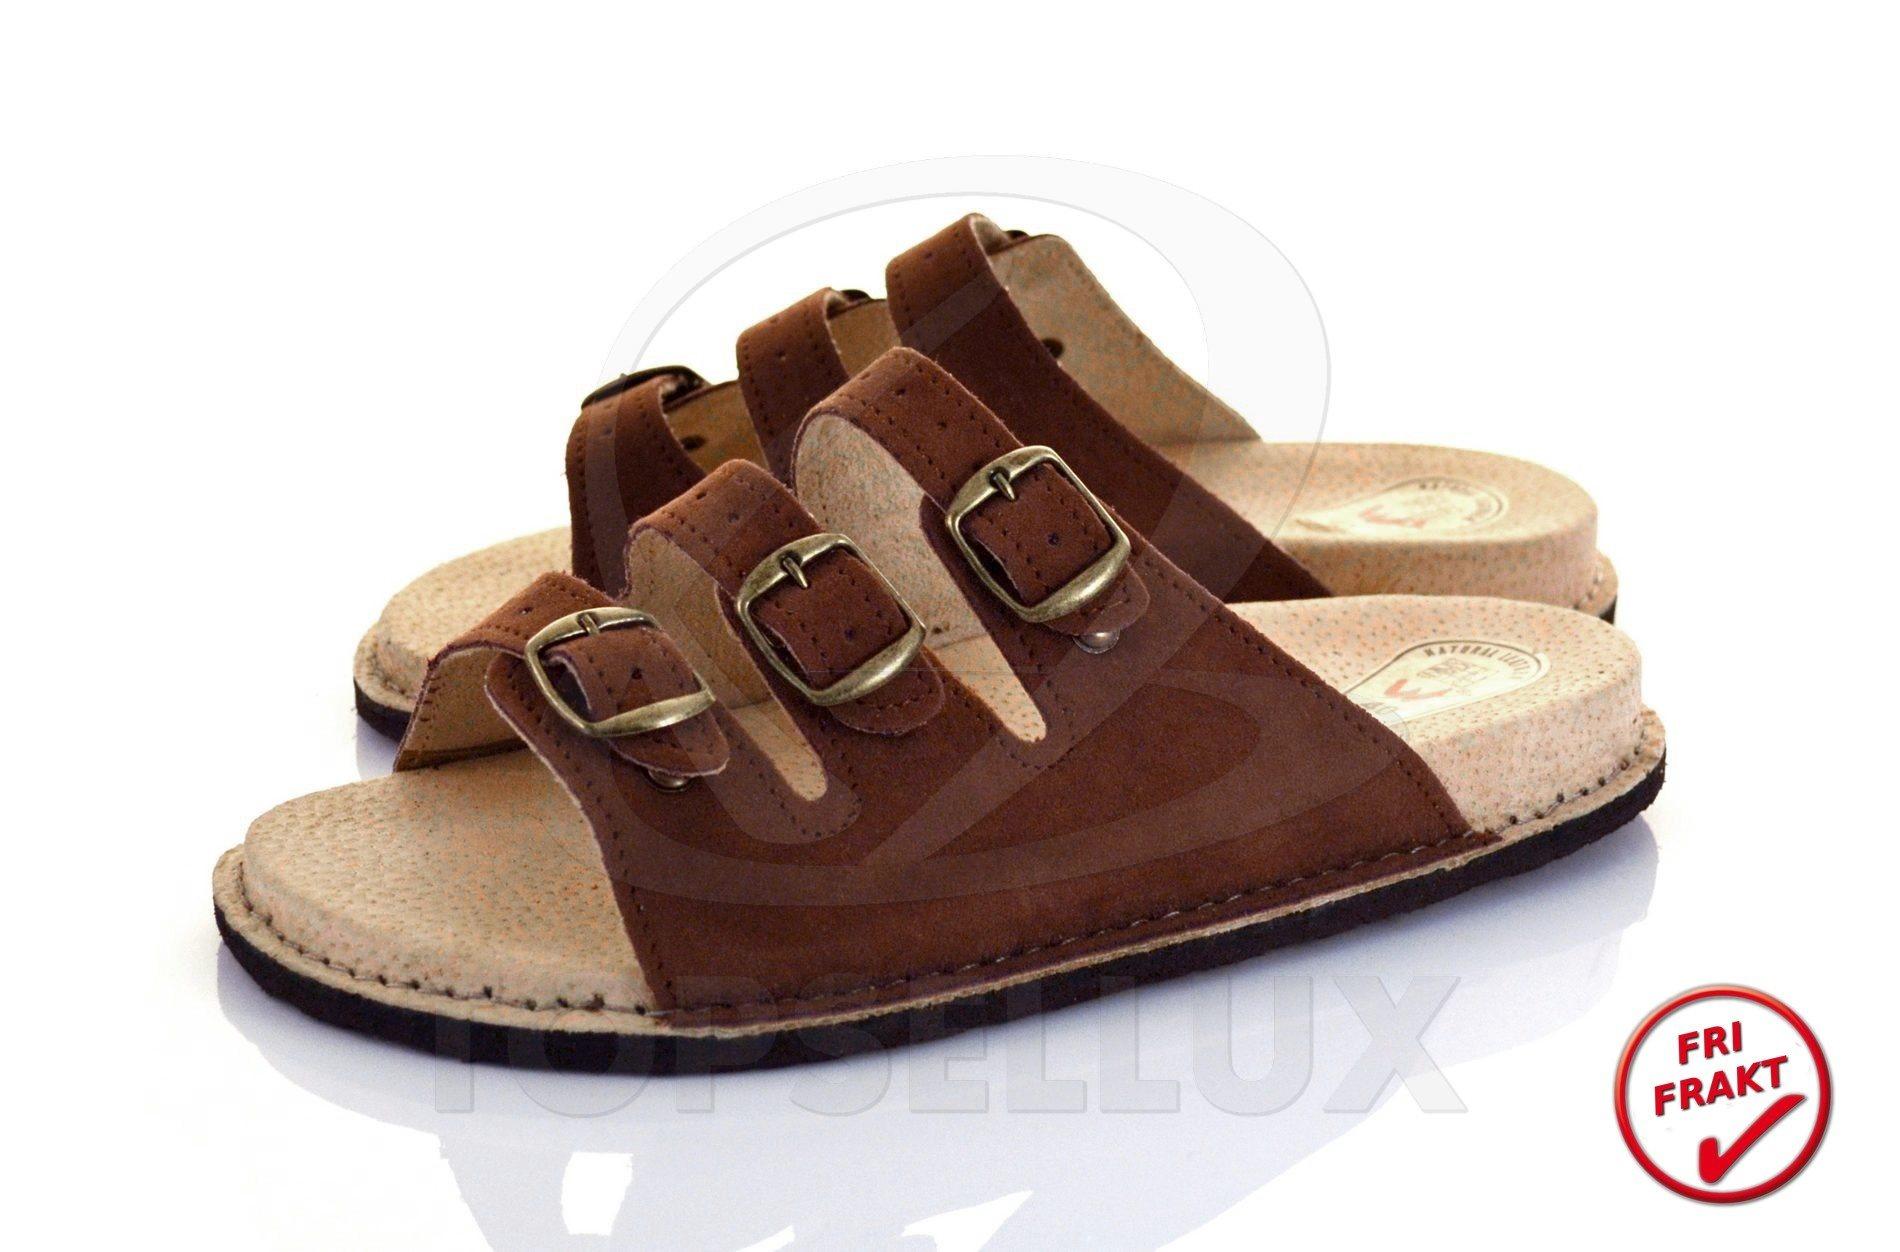 fe0895fec6d Sandal med fotbädd ortopedisk sula arbete / fritid skor dam sandaler sko  strl 39 ...